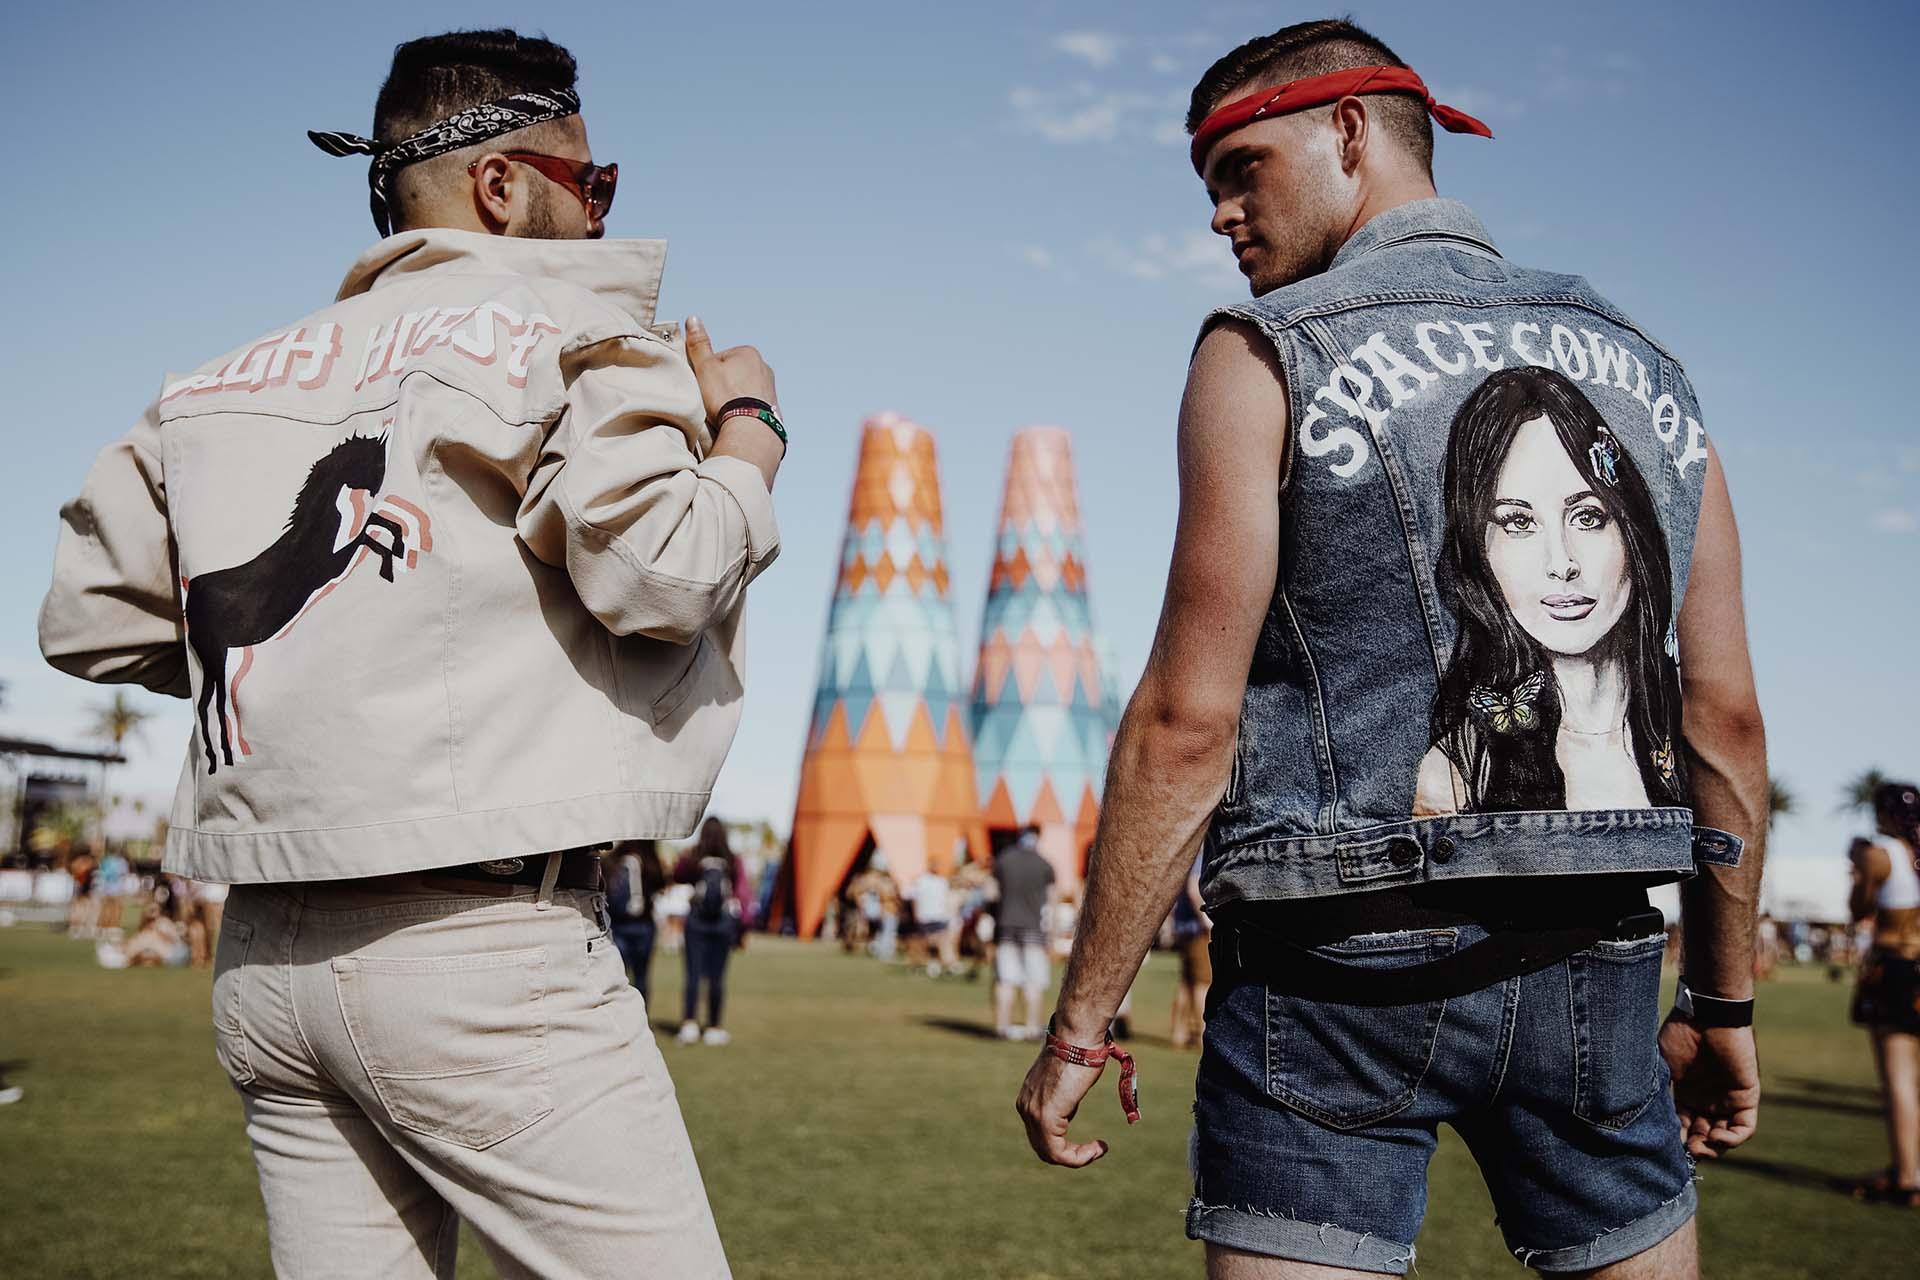 Space Cowboy. El estilo groupie, un clásico en los festivales de música. Es clave llevar una prenda de las bandas favoritas para esperar el recital y cantar las canciones. Camperas de jean, chalecos, remeras y buzos fueron las prendas que más se vieron los días del Coachella